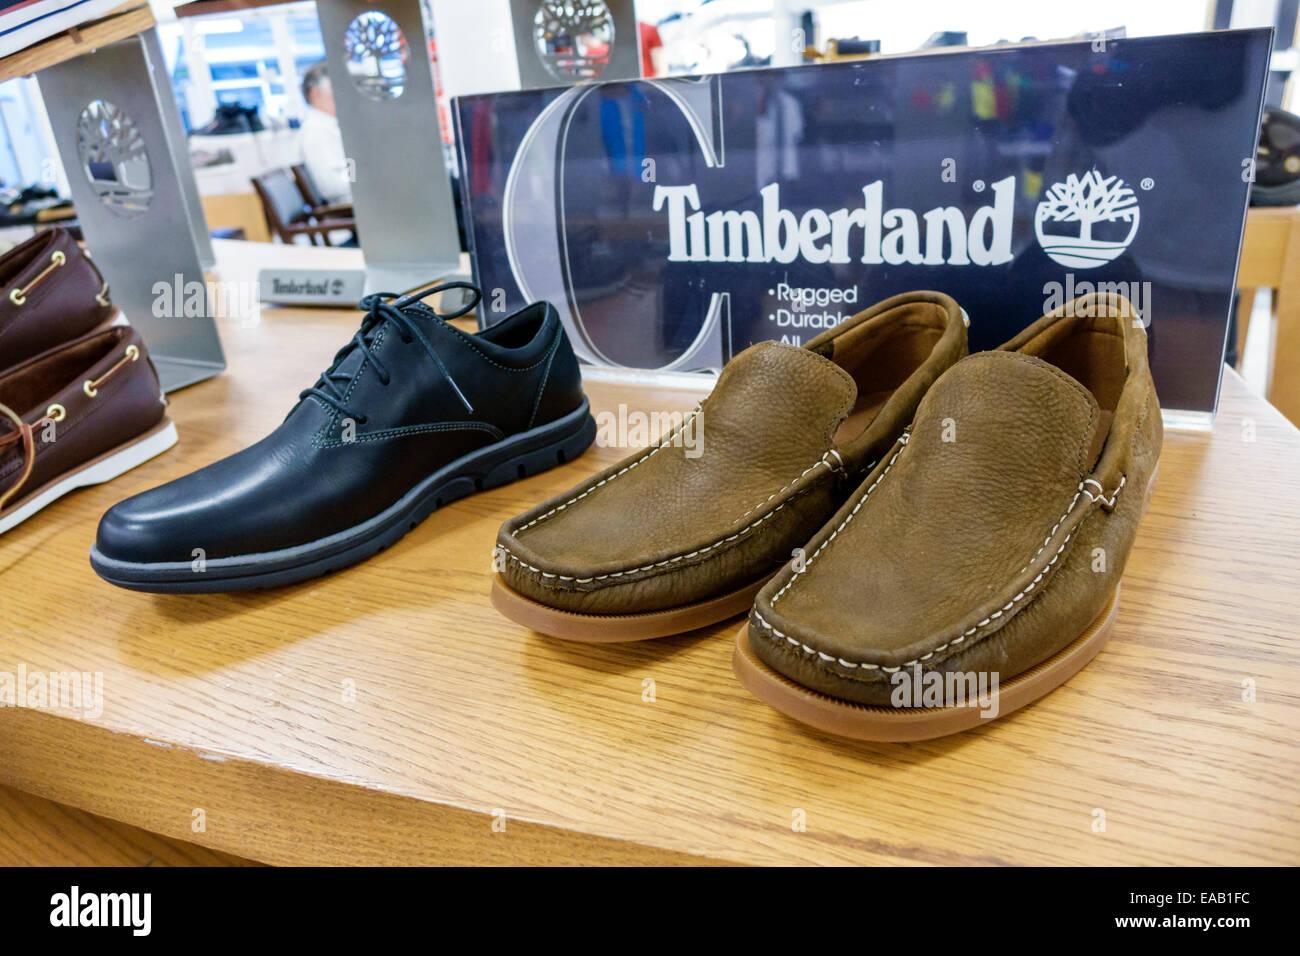 b11401da2e6d6 Miami Florida Macy s department store shopping all interno di vendita moda  display Timberland scarpe uomo